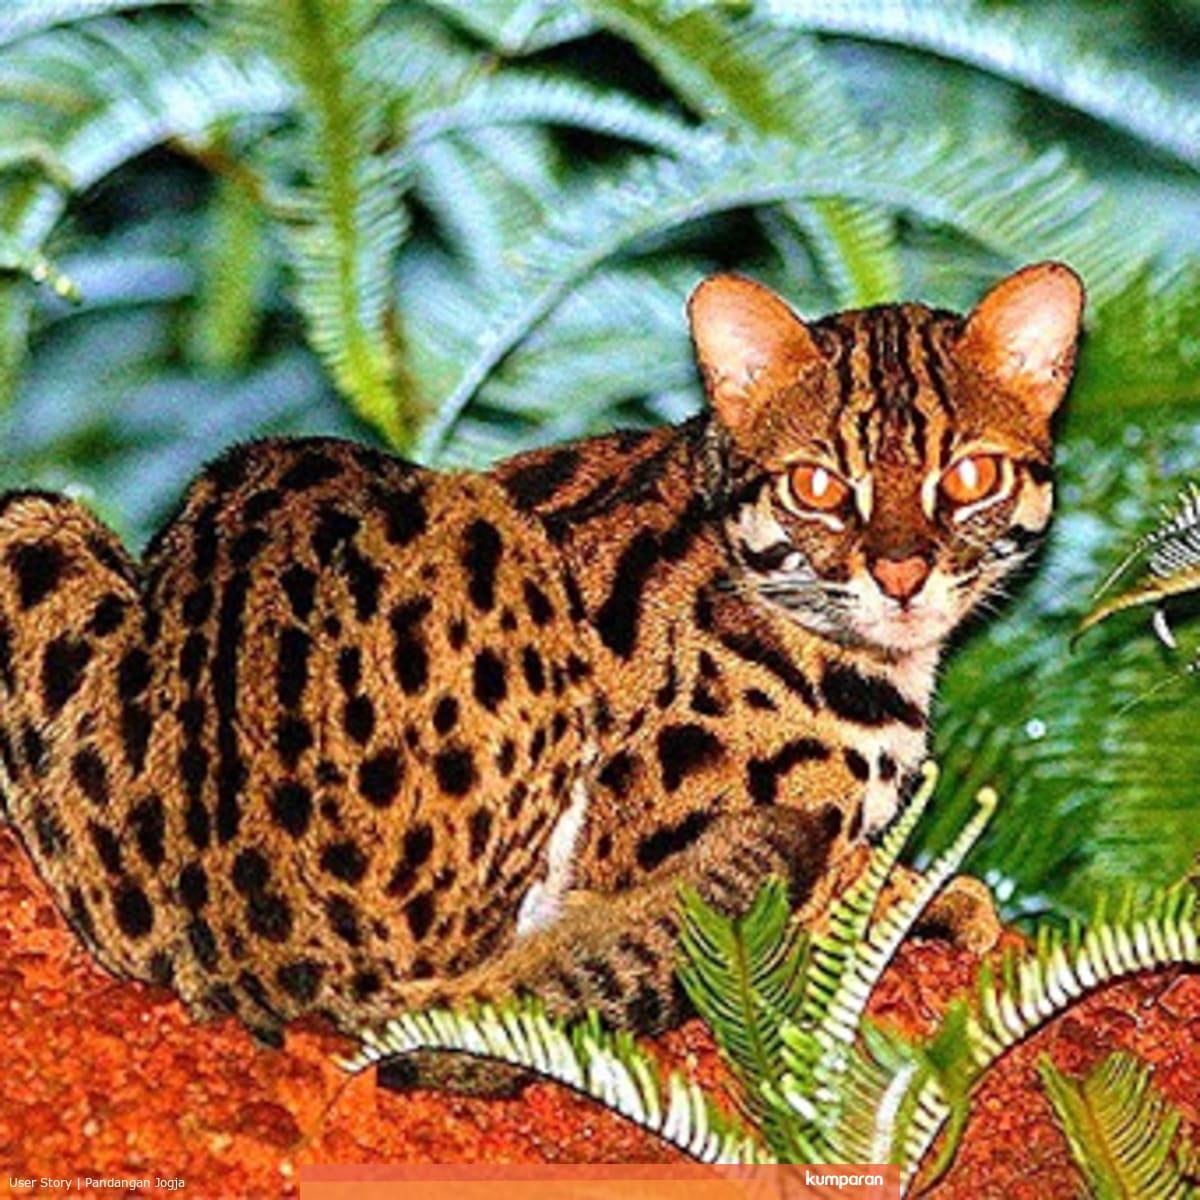 Mengenal Macan Akar Kucing Hutan Lucu Yang Sempat Viral Karena Disembelih Kumparan Com